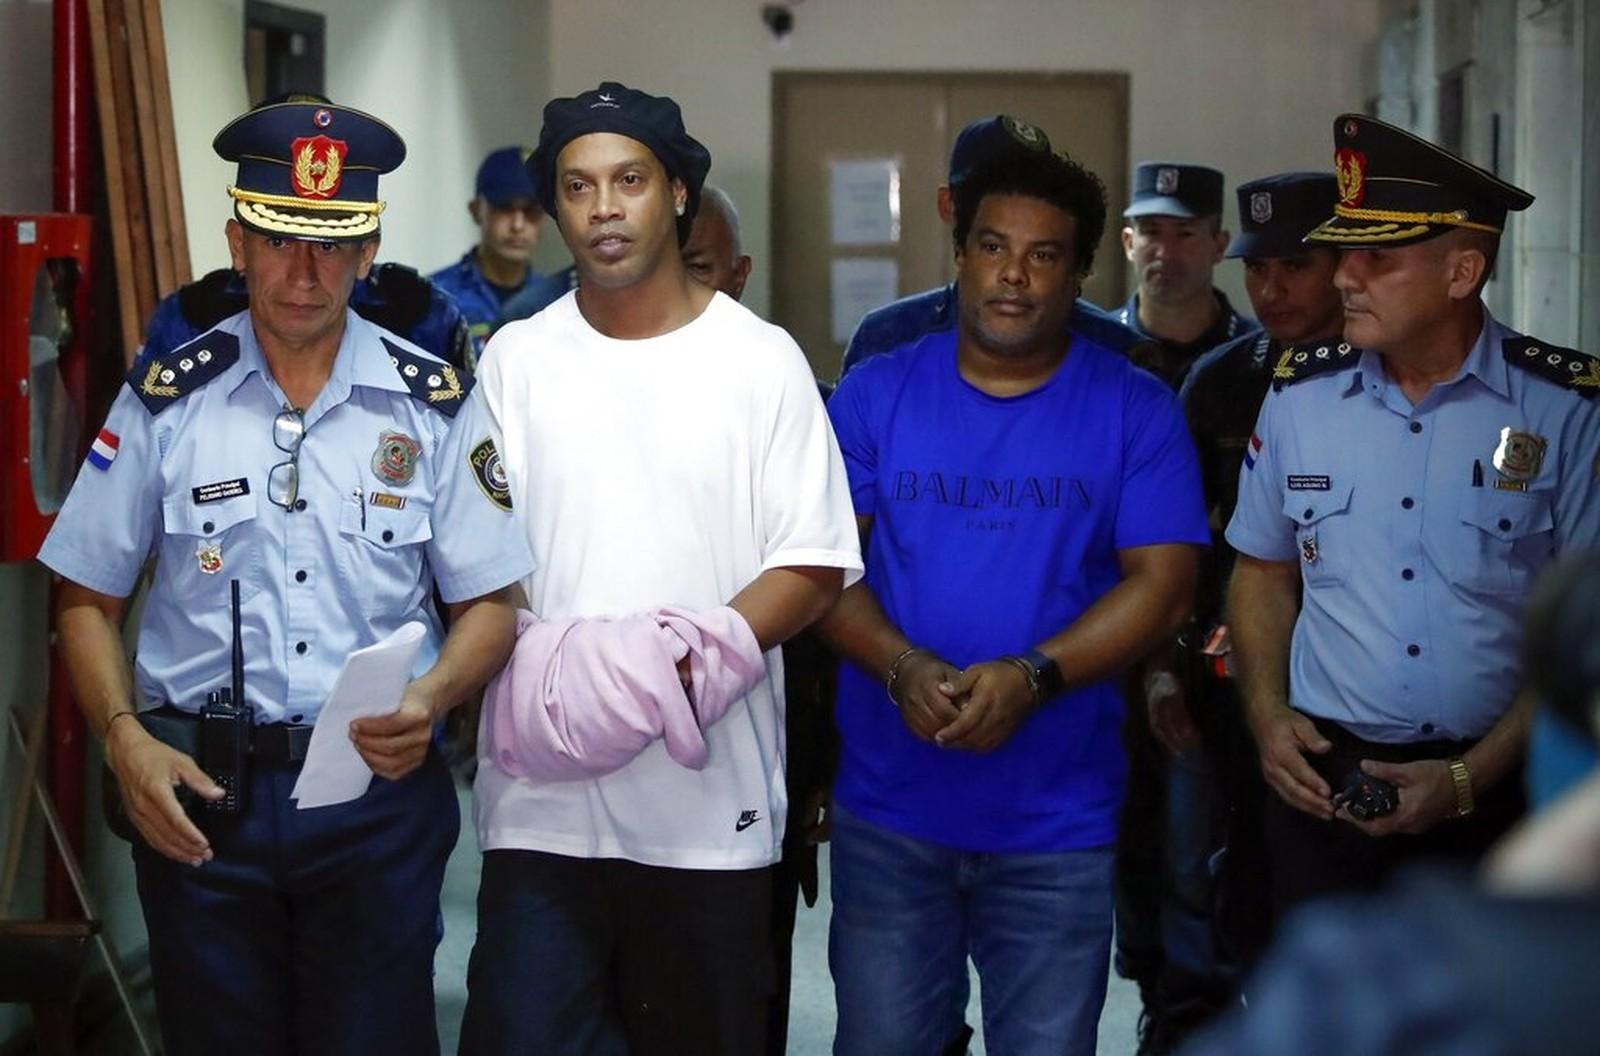 Ronaldinho Gaúcho para prestar depoimento, em 7 de março, Paraguai - Foto: Jorge Saenz/AP